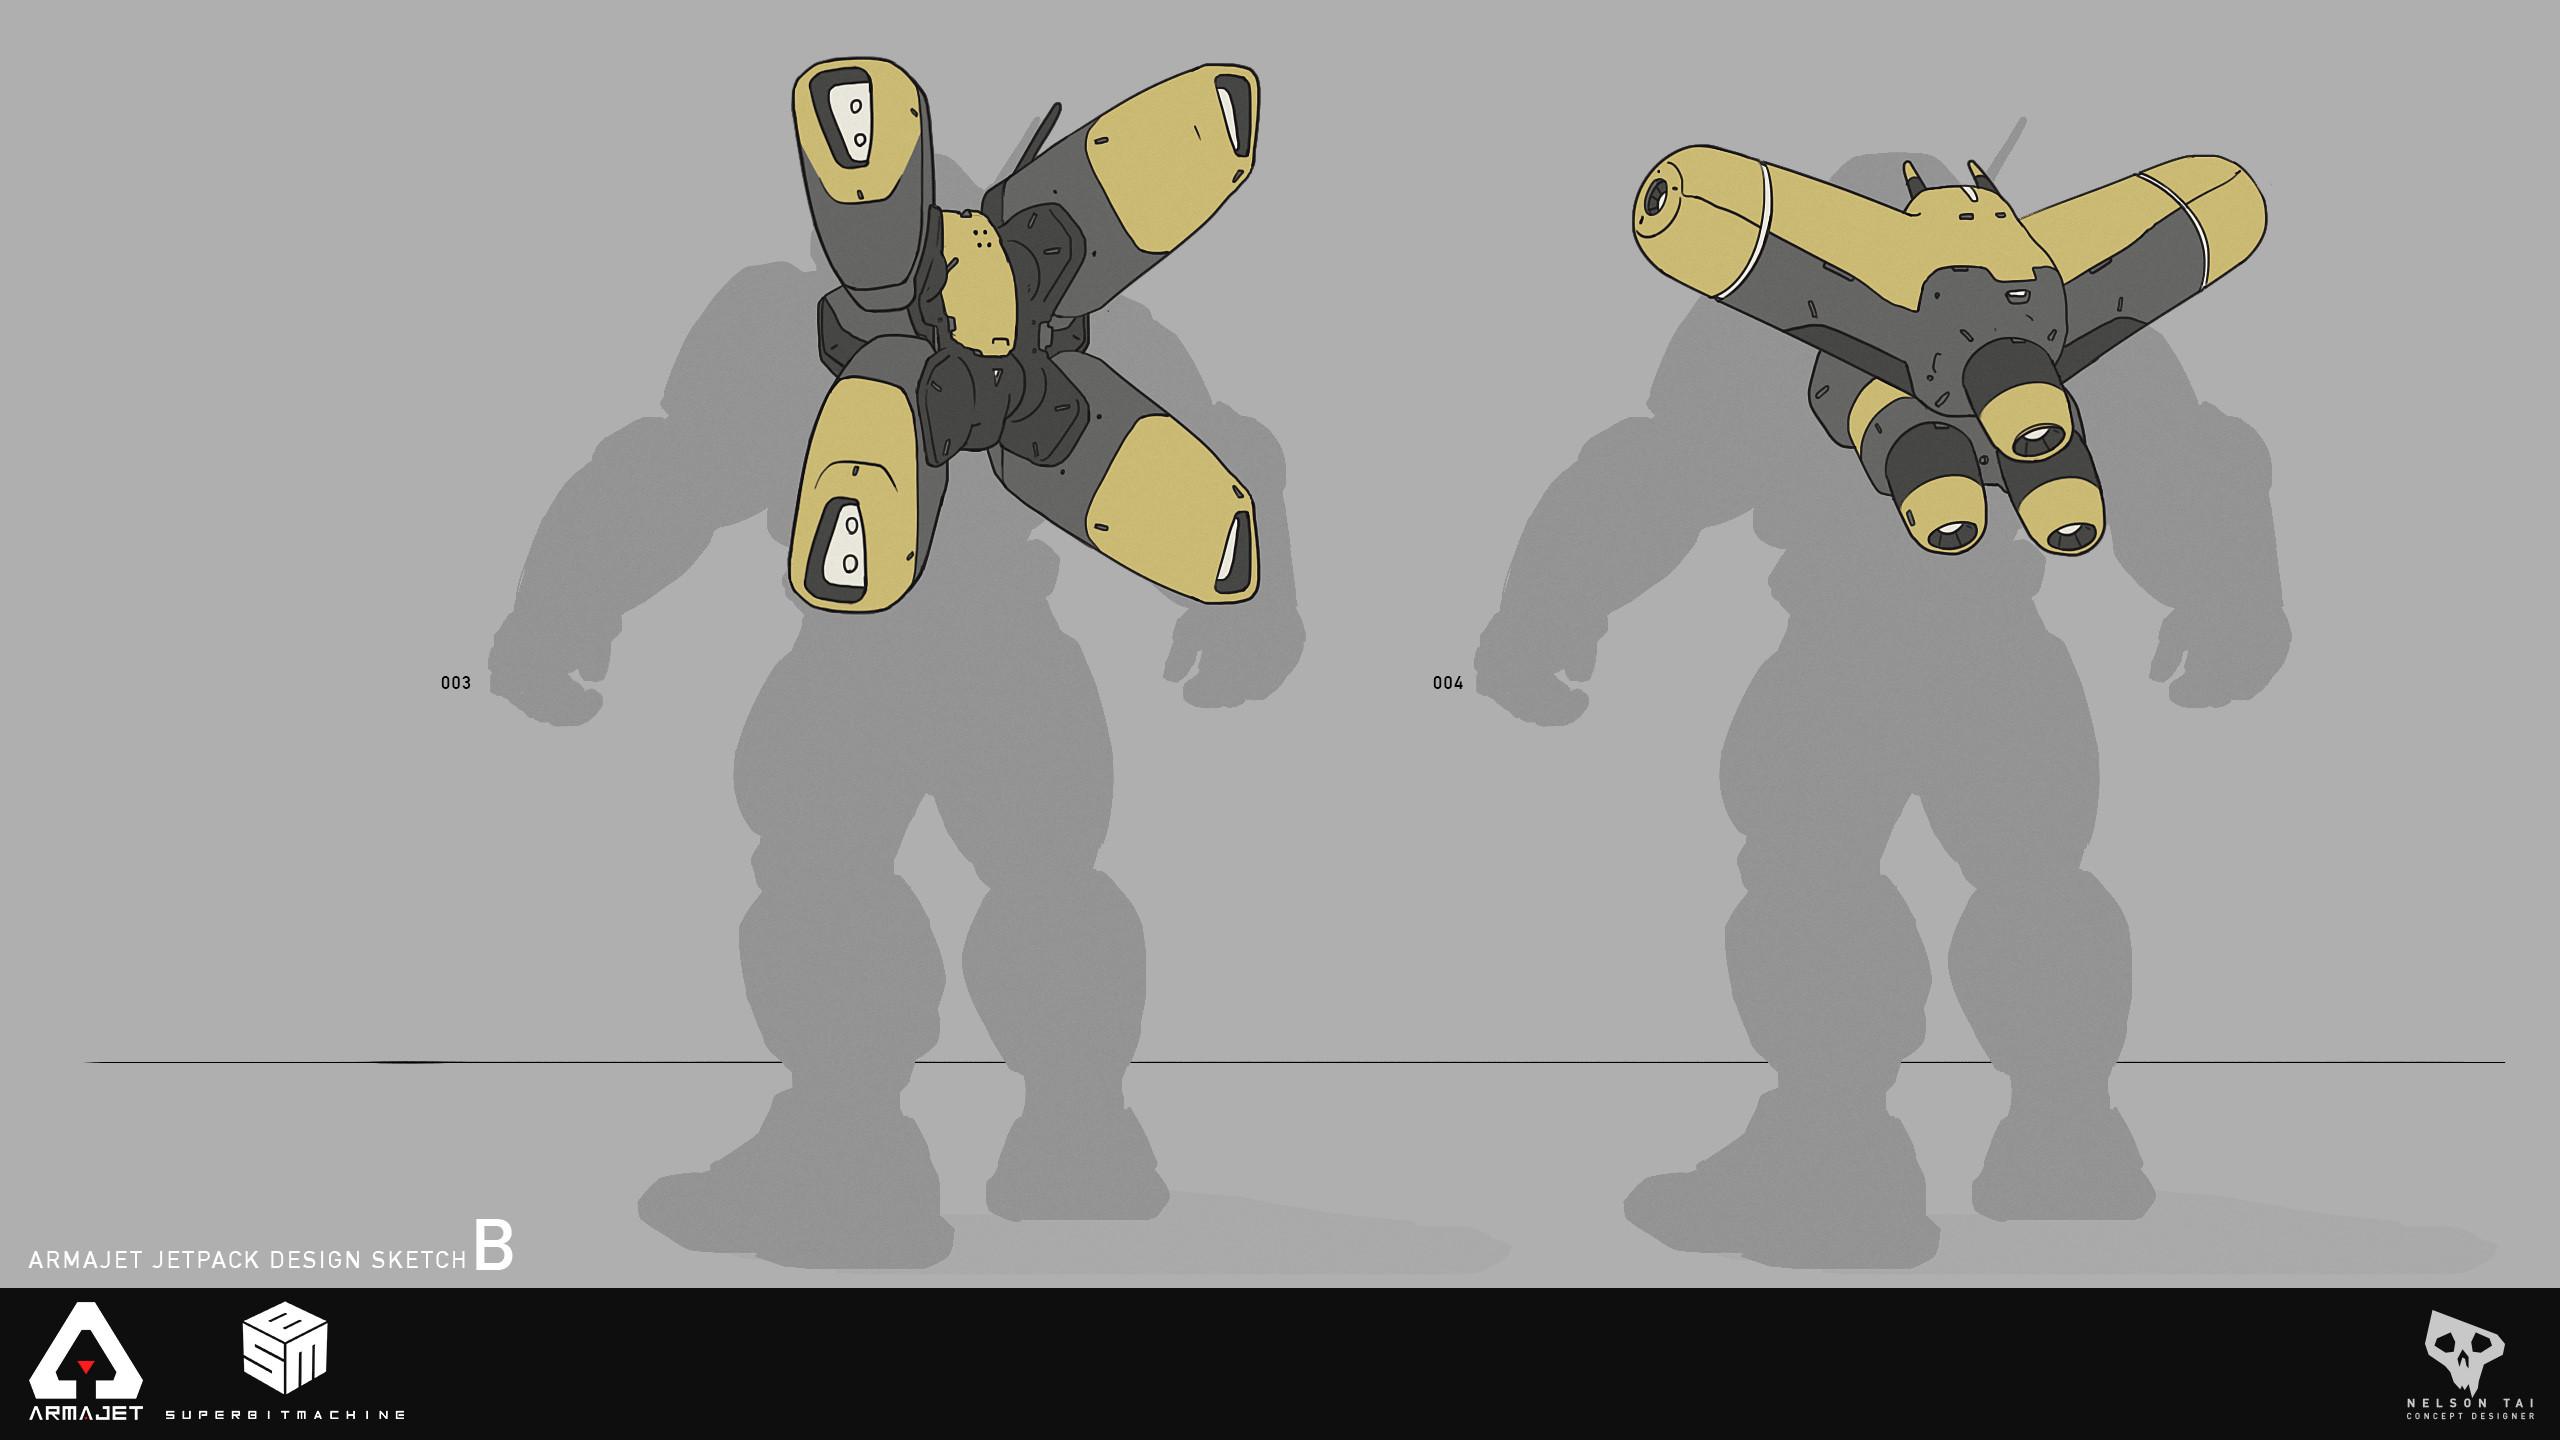 Armajet Jetpack Design B